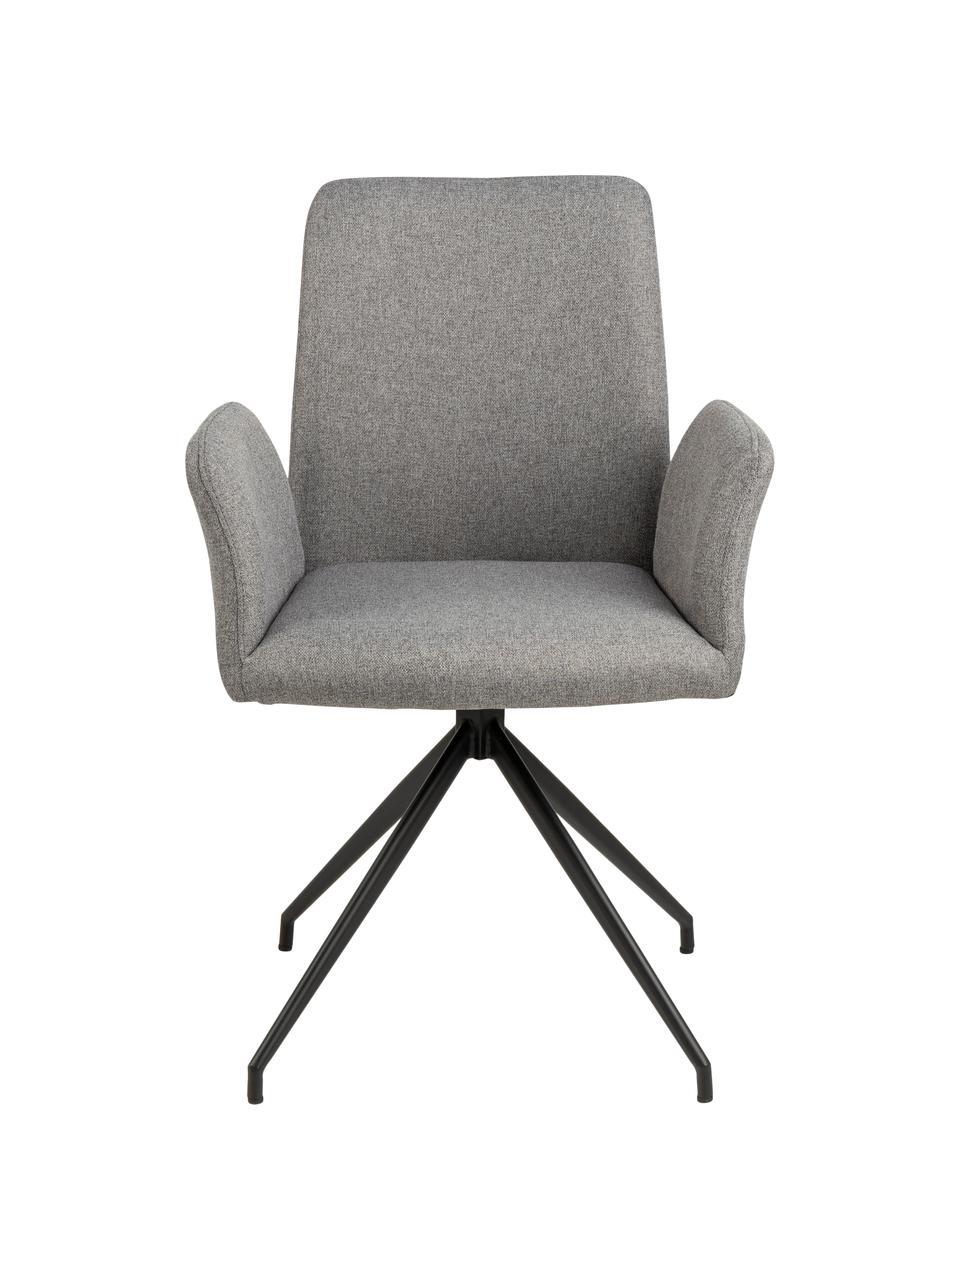 Čalouněná otočná židle Naya, Světle šedá